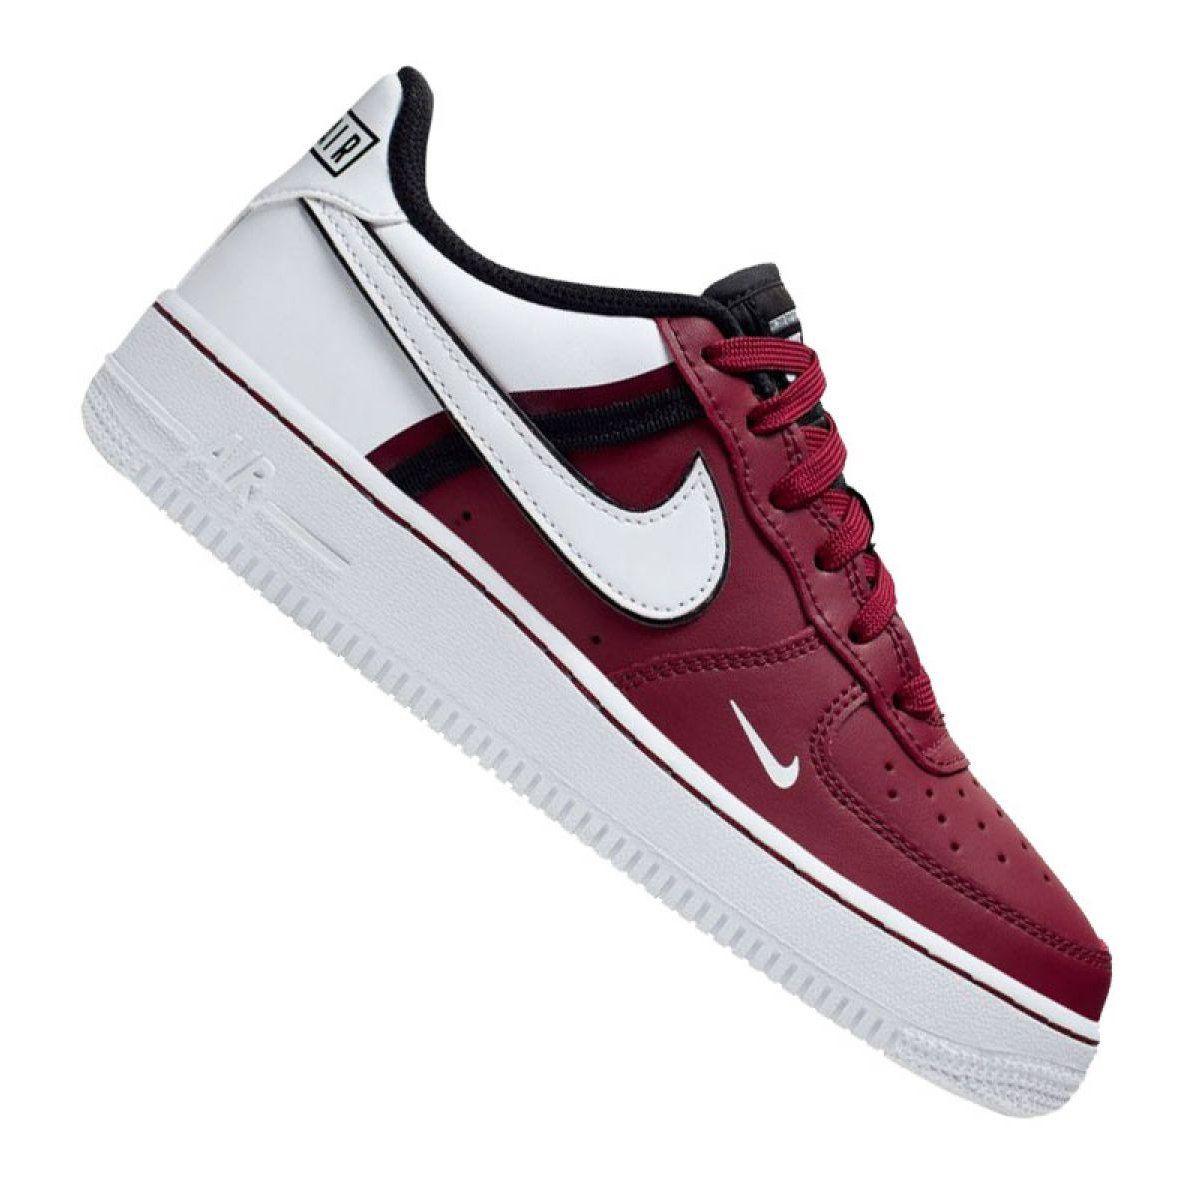 Sportowe Damskie Nike Buty Nike Air Force 1 Lv8 2 Jr Ci1756 600 Zapatos Nike Mujer Tenis Calzado Zapatos